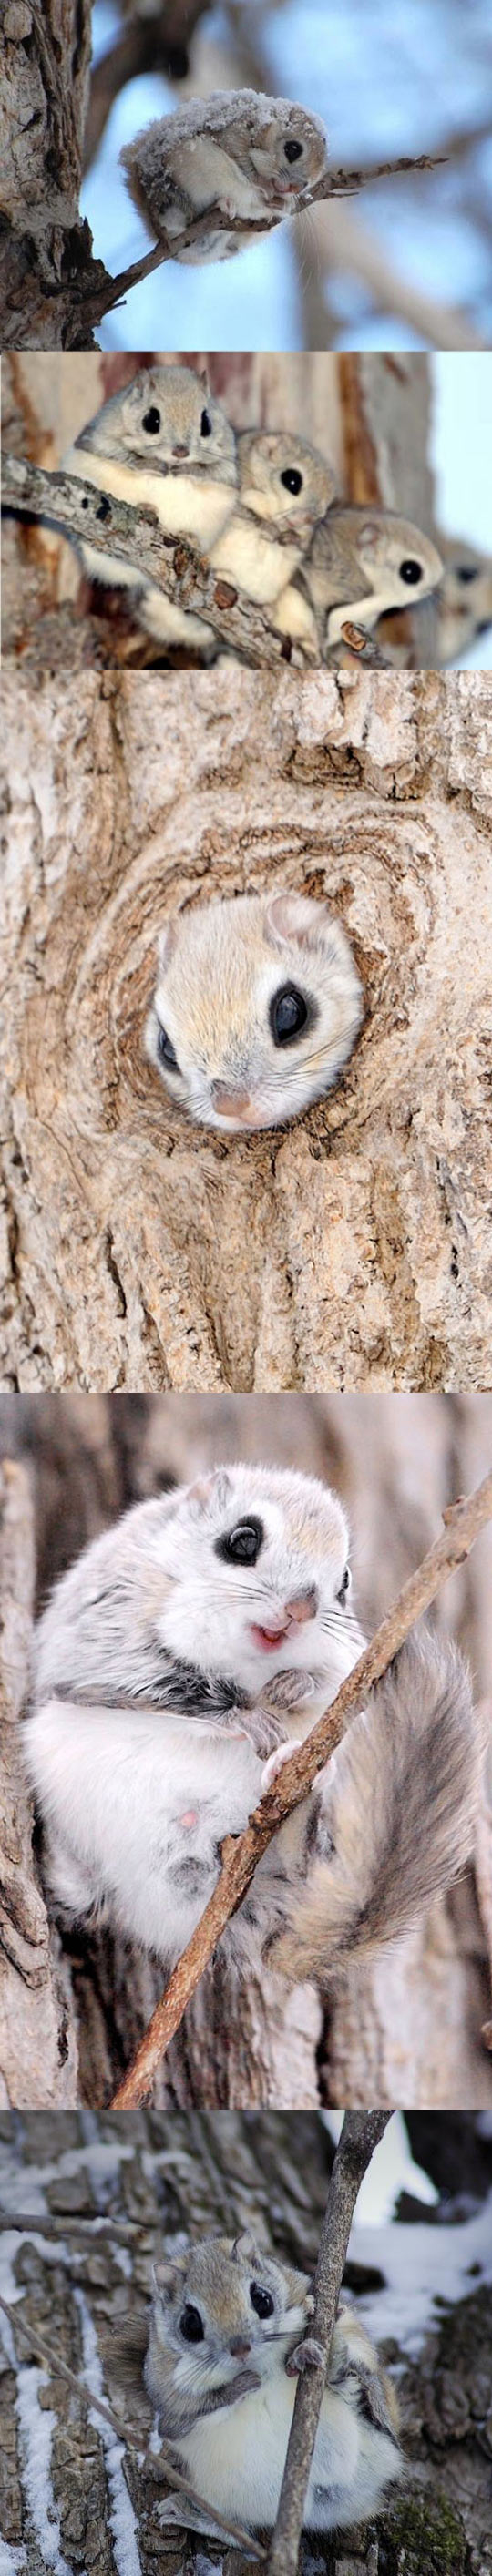 cute-Japanese-dwarf-flying-squirrels-tree